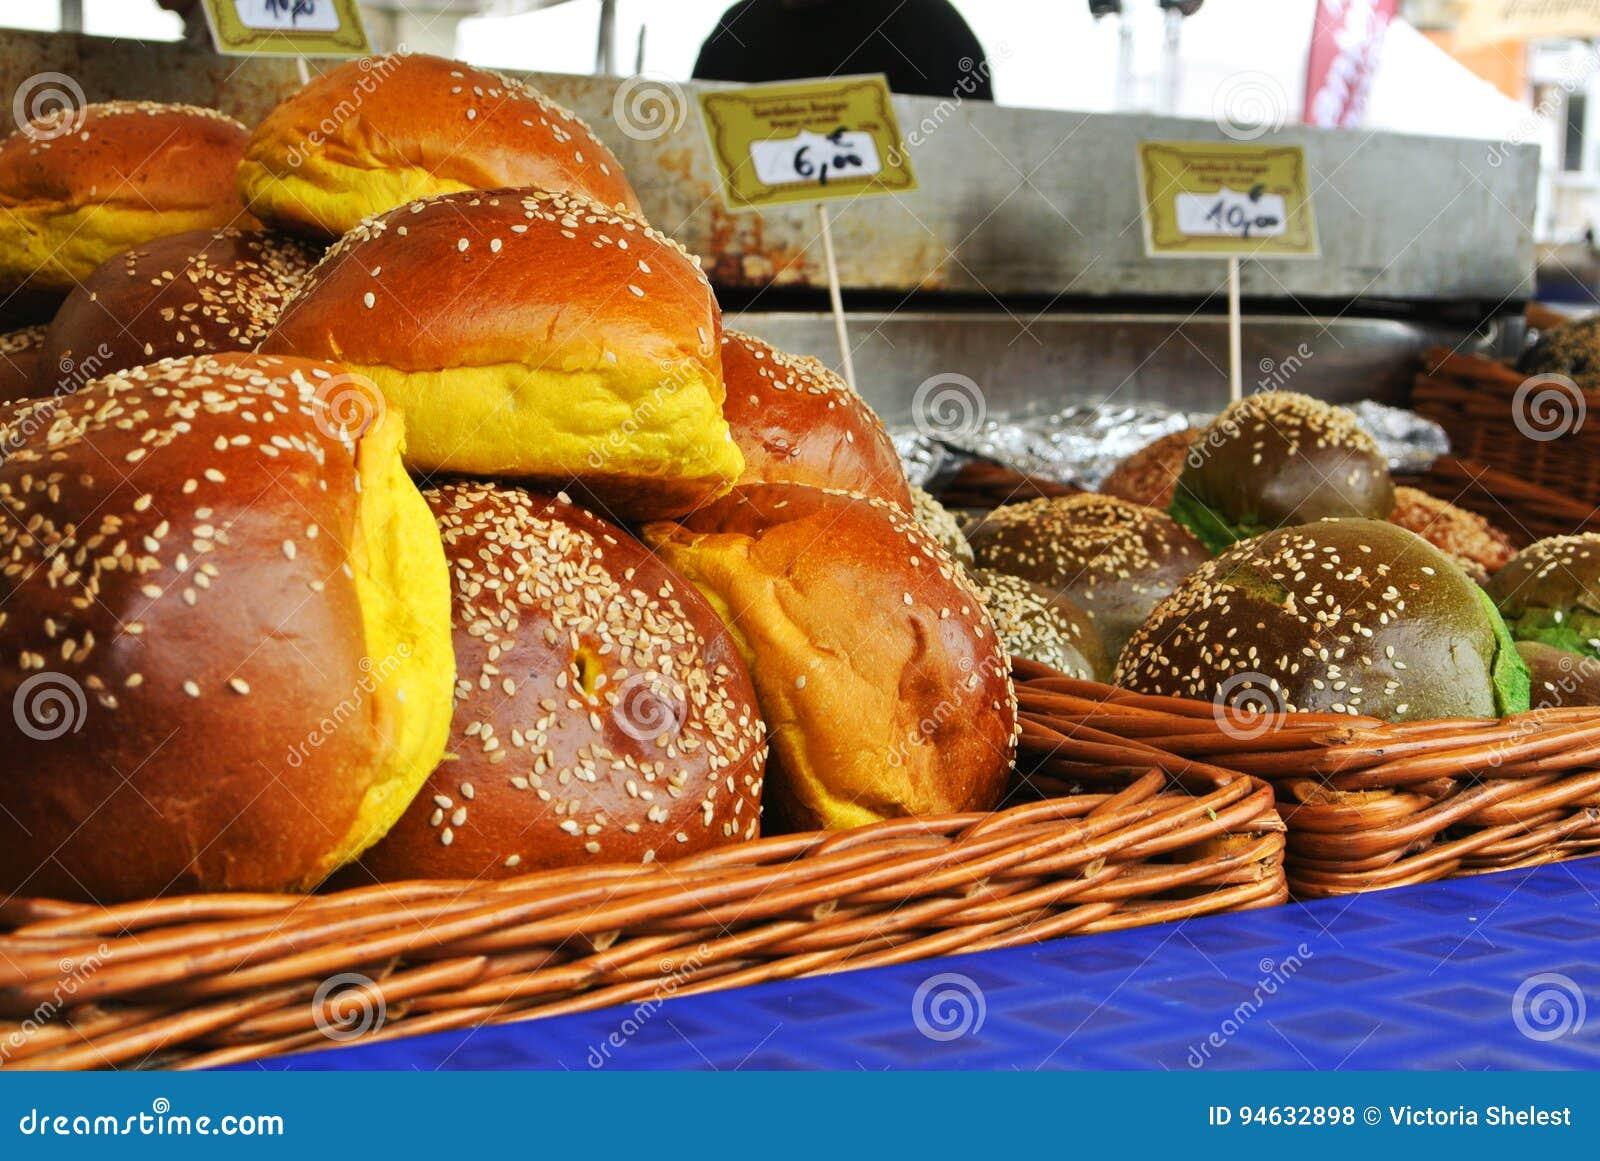 法兰克福,德国- 2017年6月6日:一套另外颜色新鲜的汉堡小圆面包与芝麻籽的在篮子